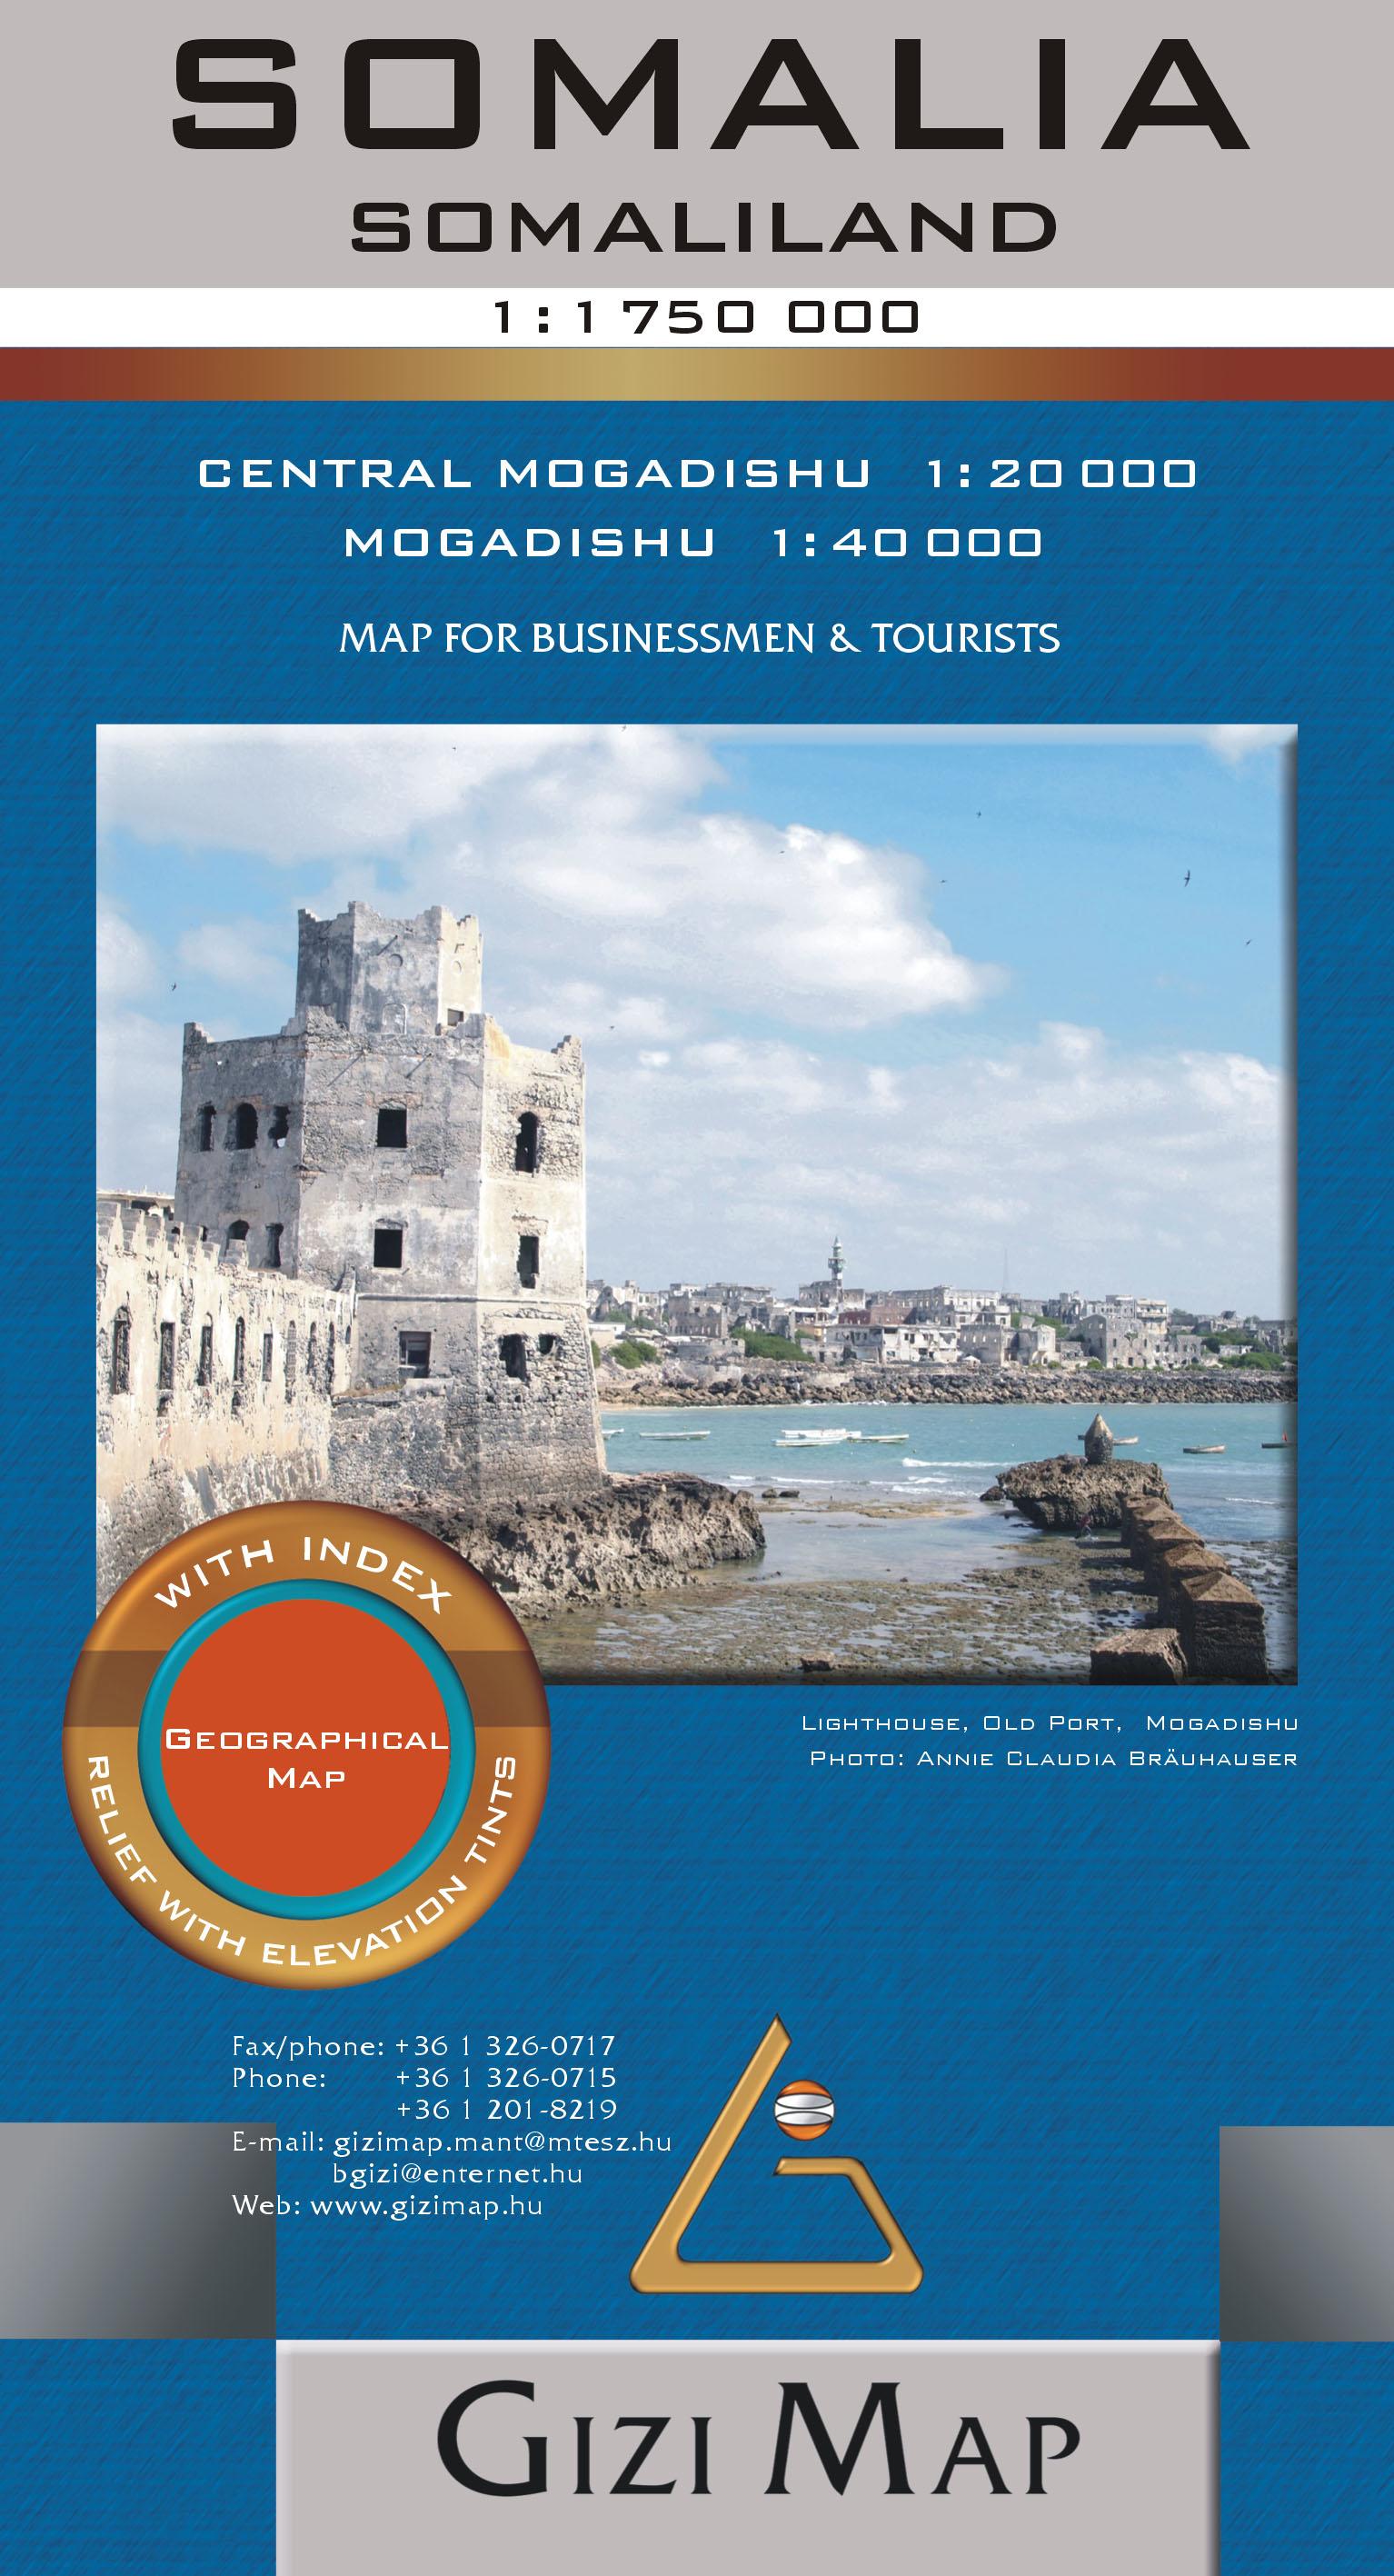 Mogadishu 1:40.000 / 20.000 inset map